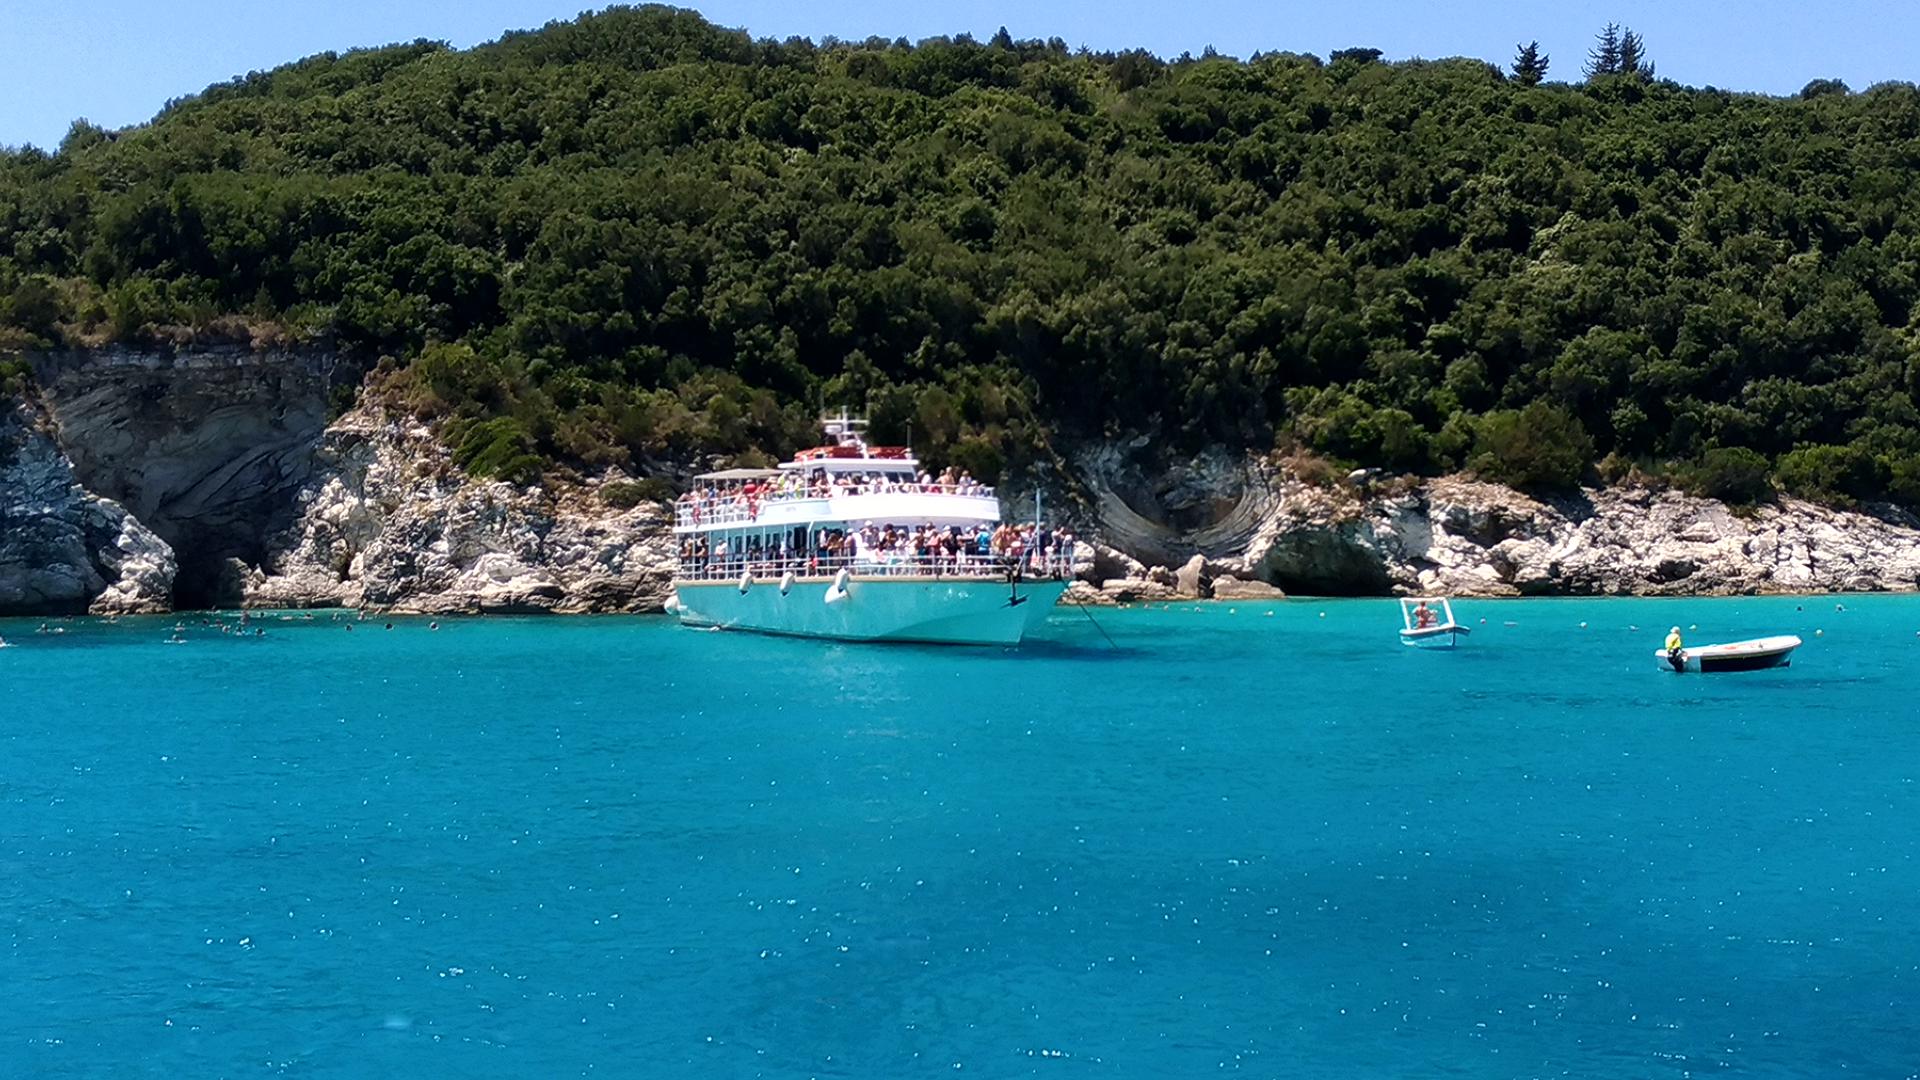 Отдых в Греции. Фото. Остров Антипаксос